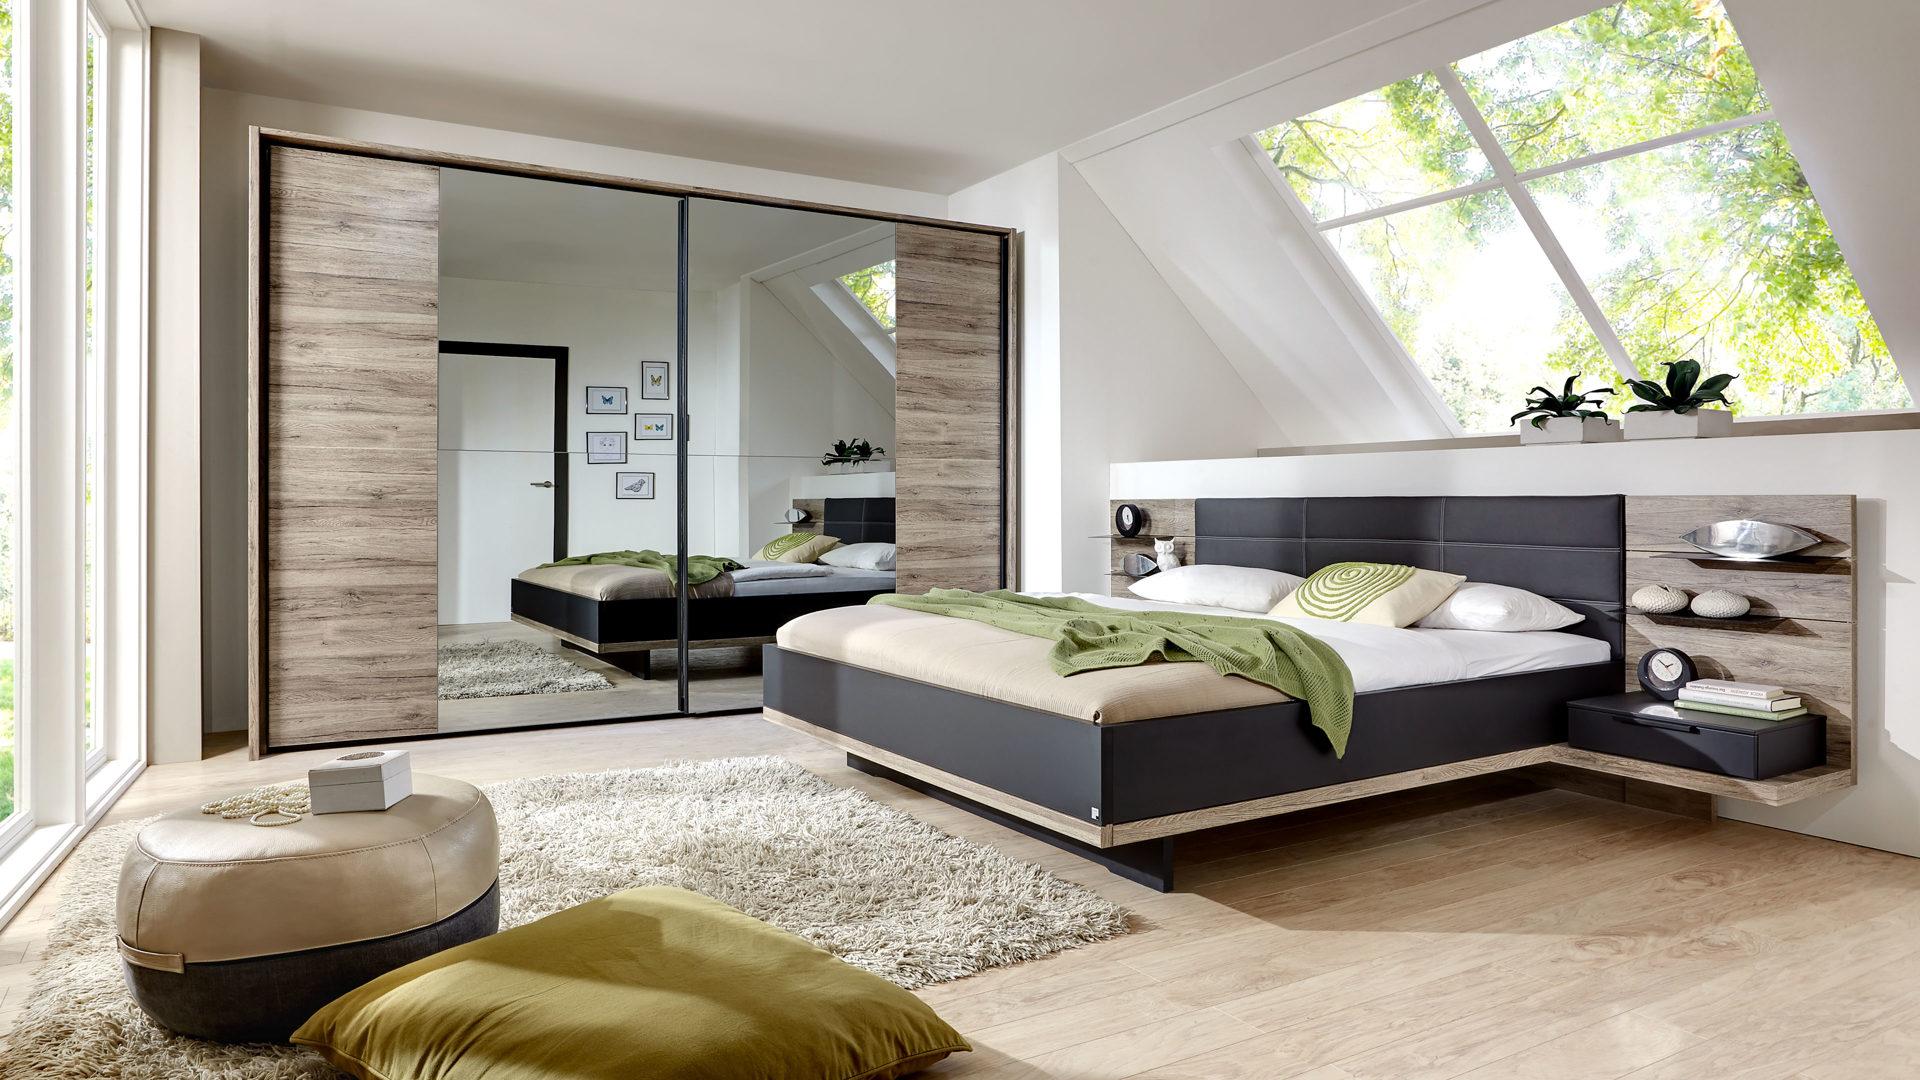 Schlafzimmer mit Doppelbettgestell und Schwebetürenschrank, Sanremo  eichefarbene & mattschwarze Kunststoffoberflächen, basaltf